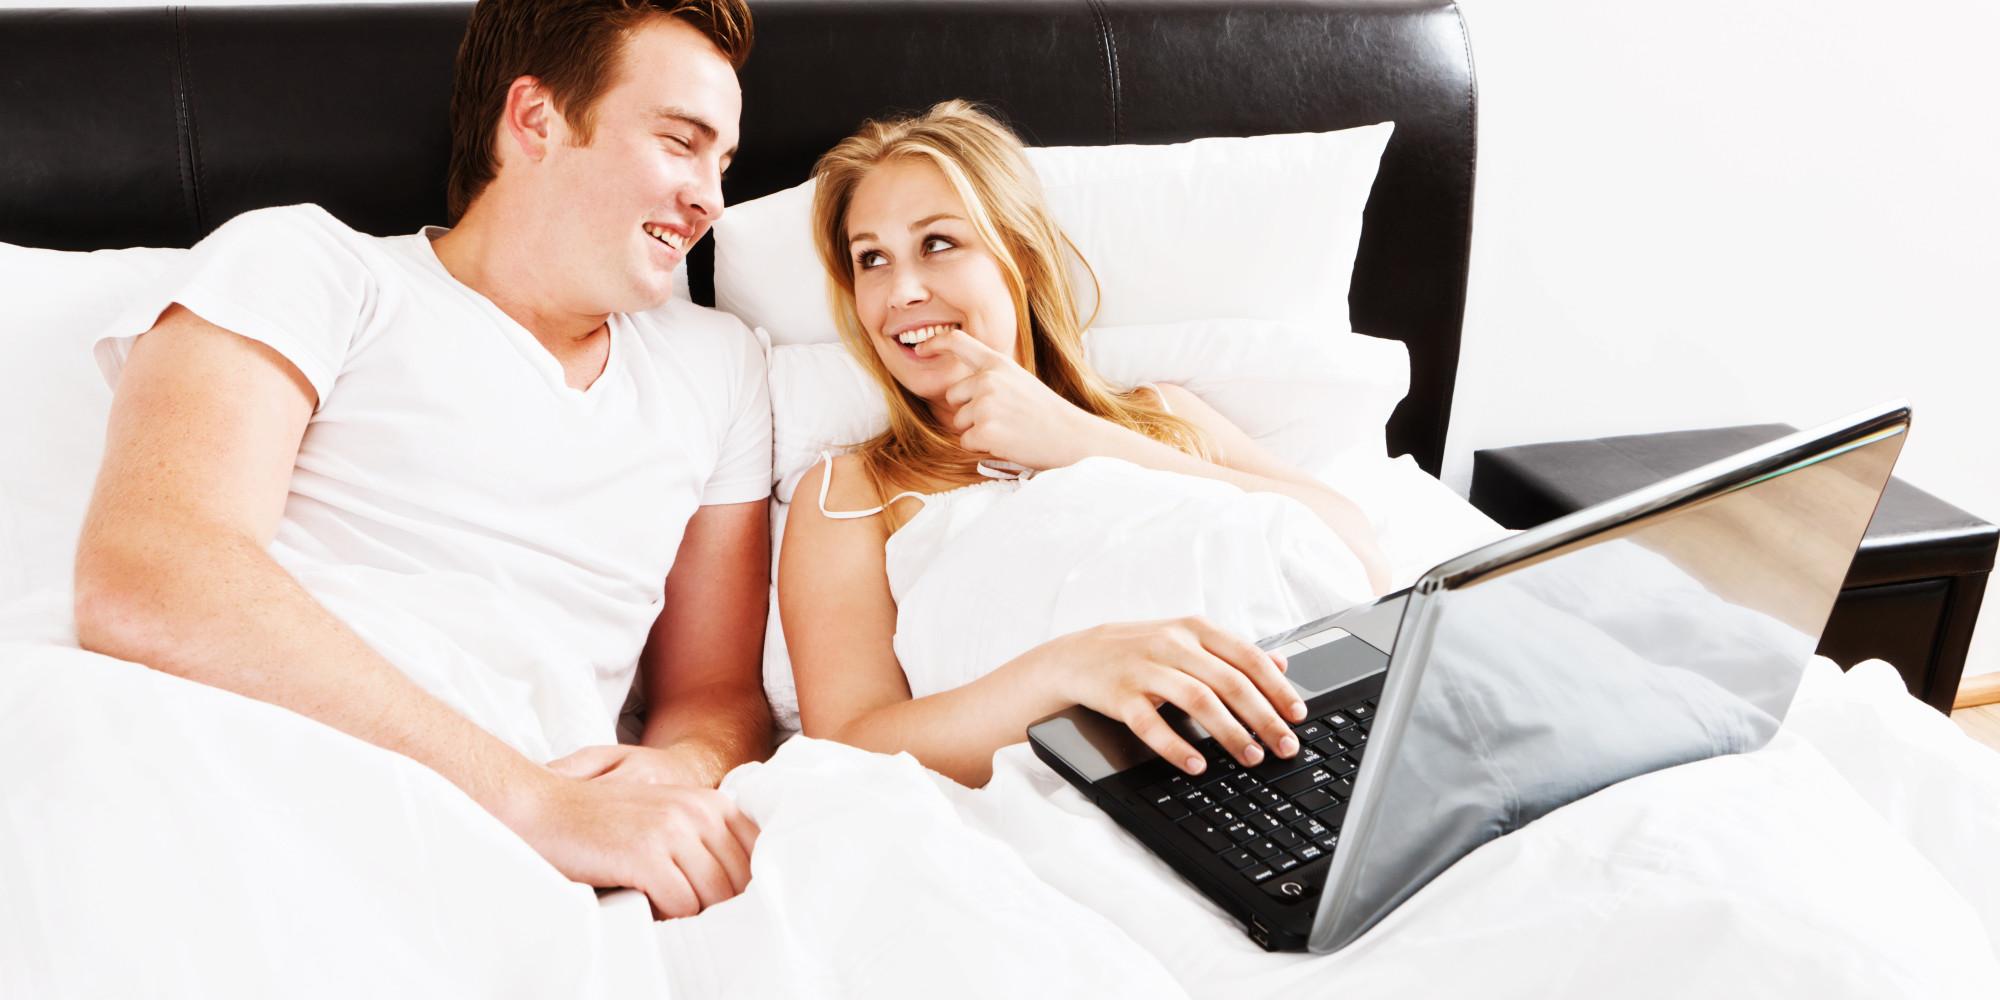 couple watching couple